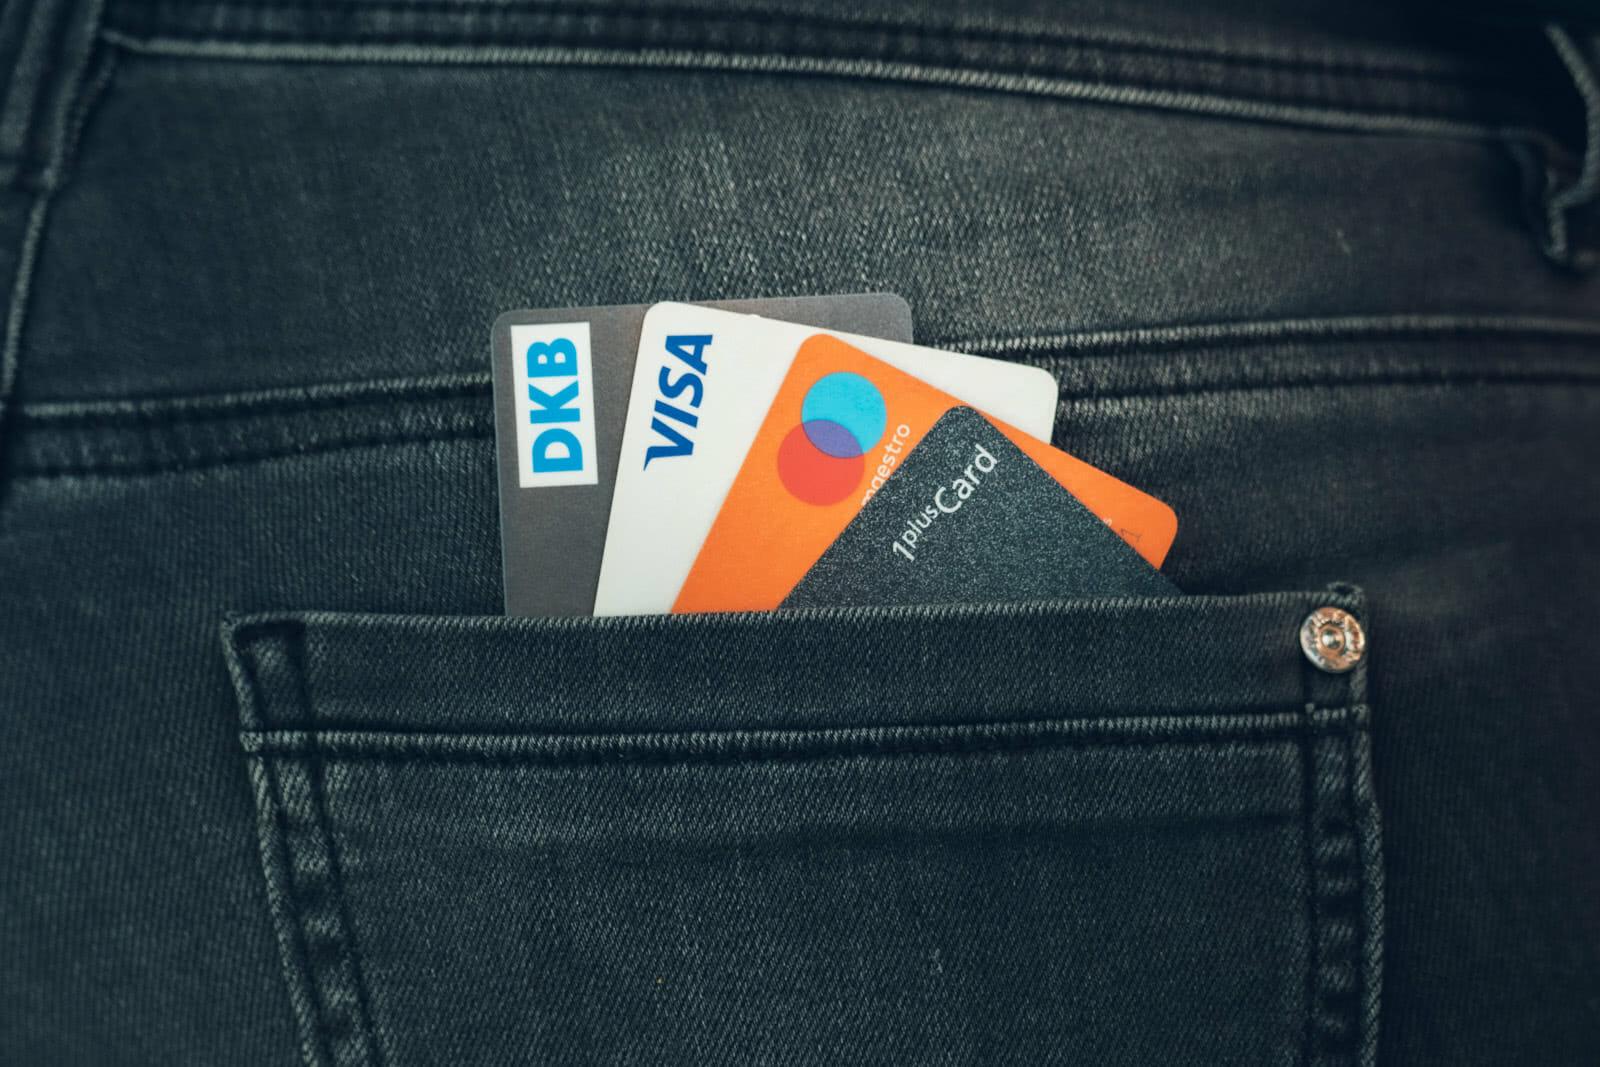 Unsere Erfahrung auf Reisen mit der Kreditkarte Santander 1Plus Visa Card